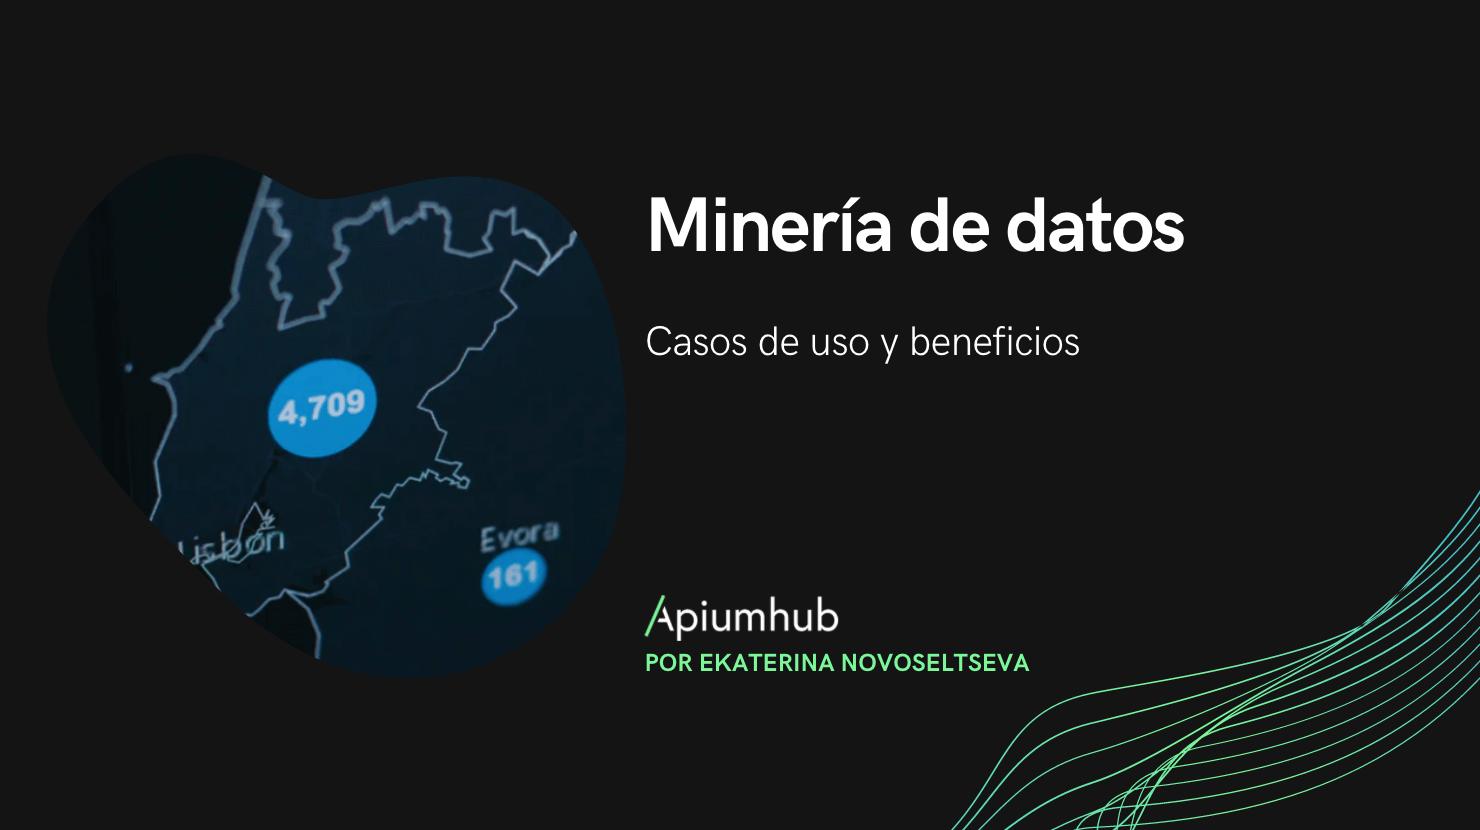 Minería de datos: casos de uso y beneficios